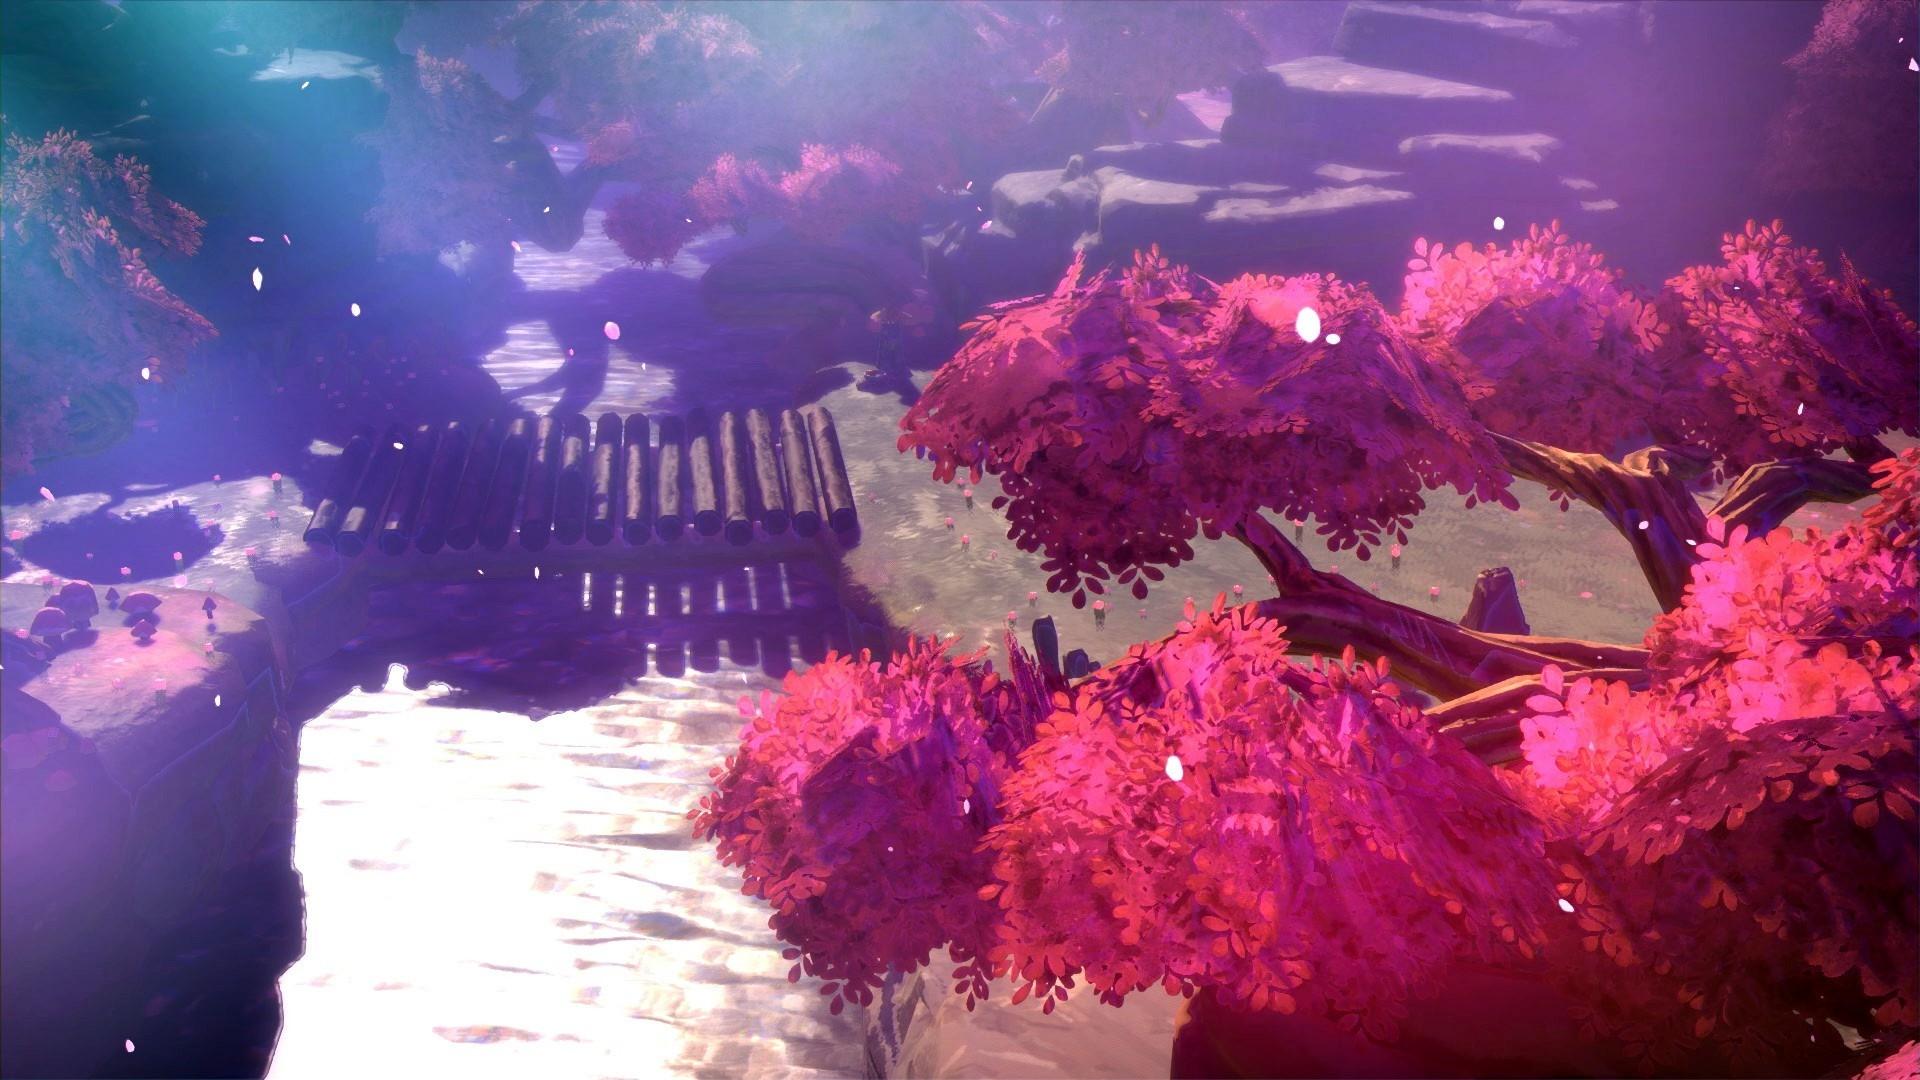 ARPG新作《鬼哭邦》新截图放出 唯美画风宛若仙境